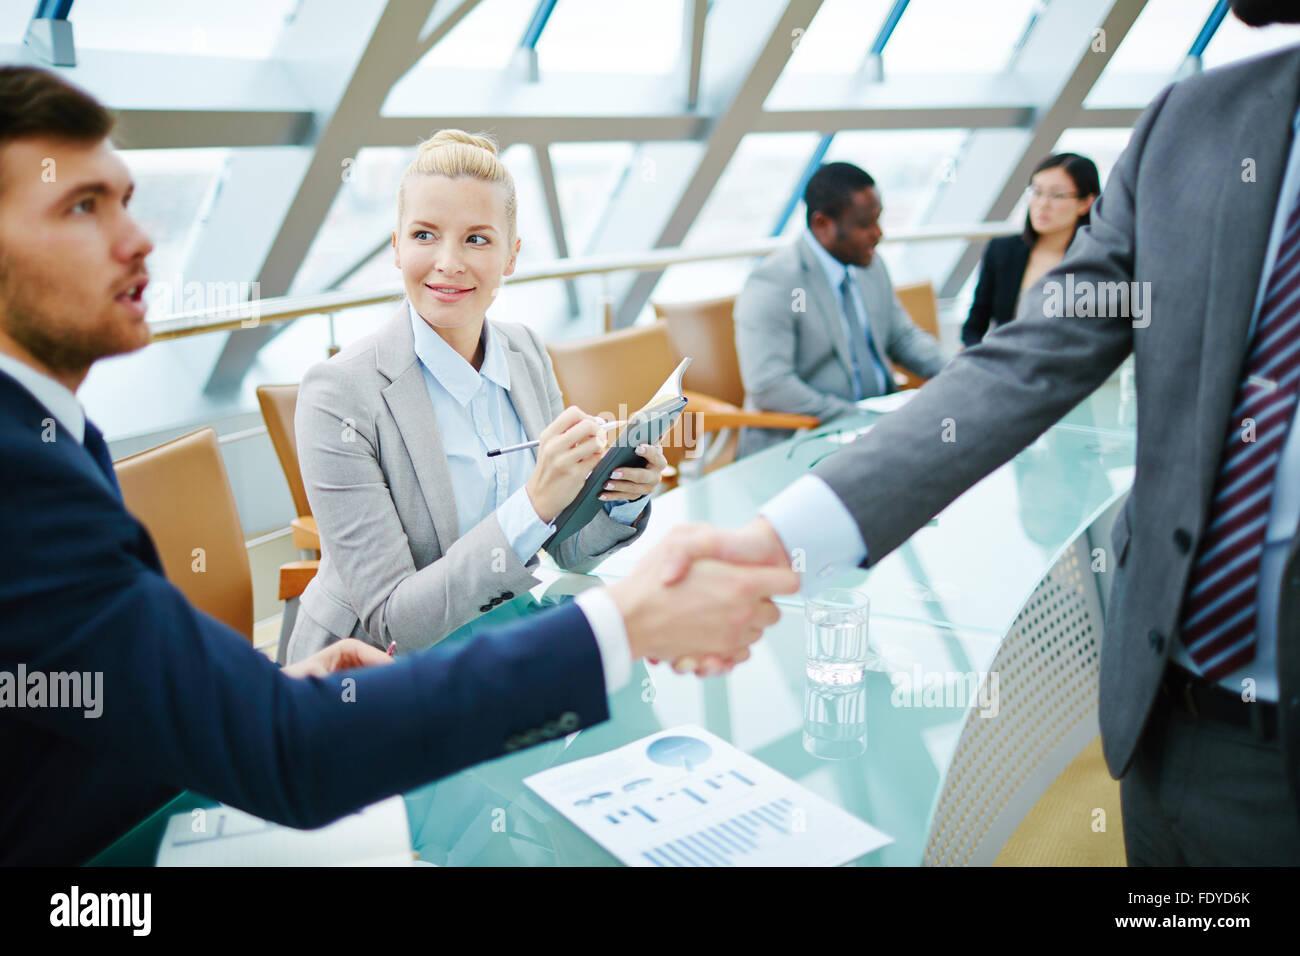 Feliz empresaria mirando uno de empresario handshaking con partner Imagen De Stock